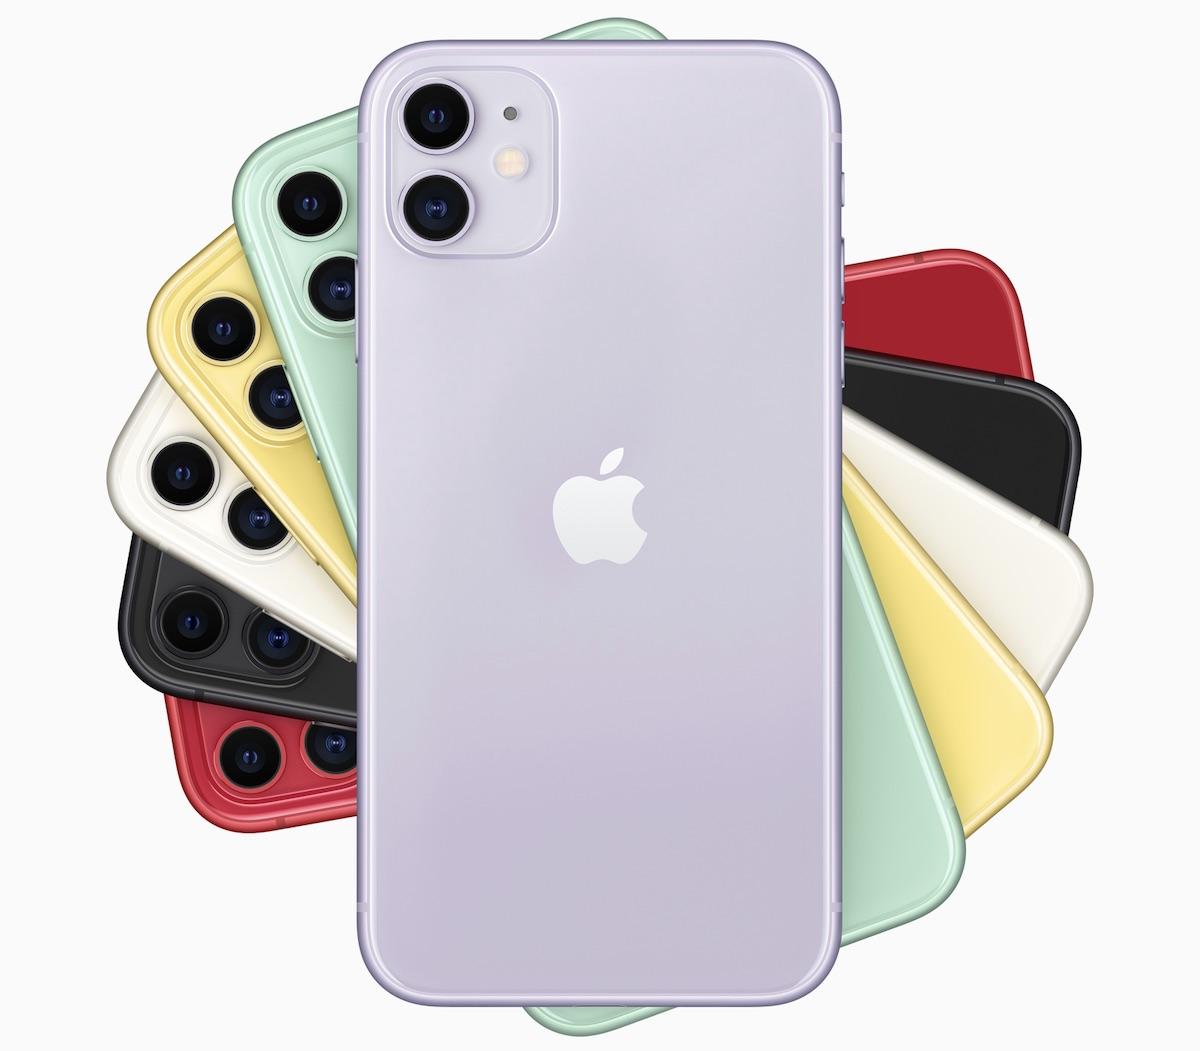 iphone 11 colors - Характеристики и возможности Apple 11: какие опции предлагают пользователям